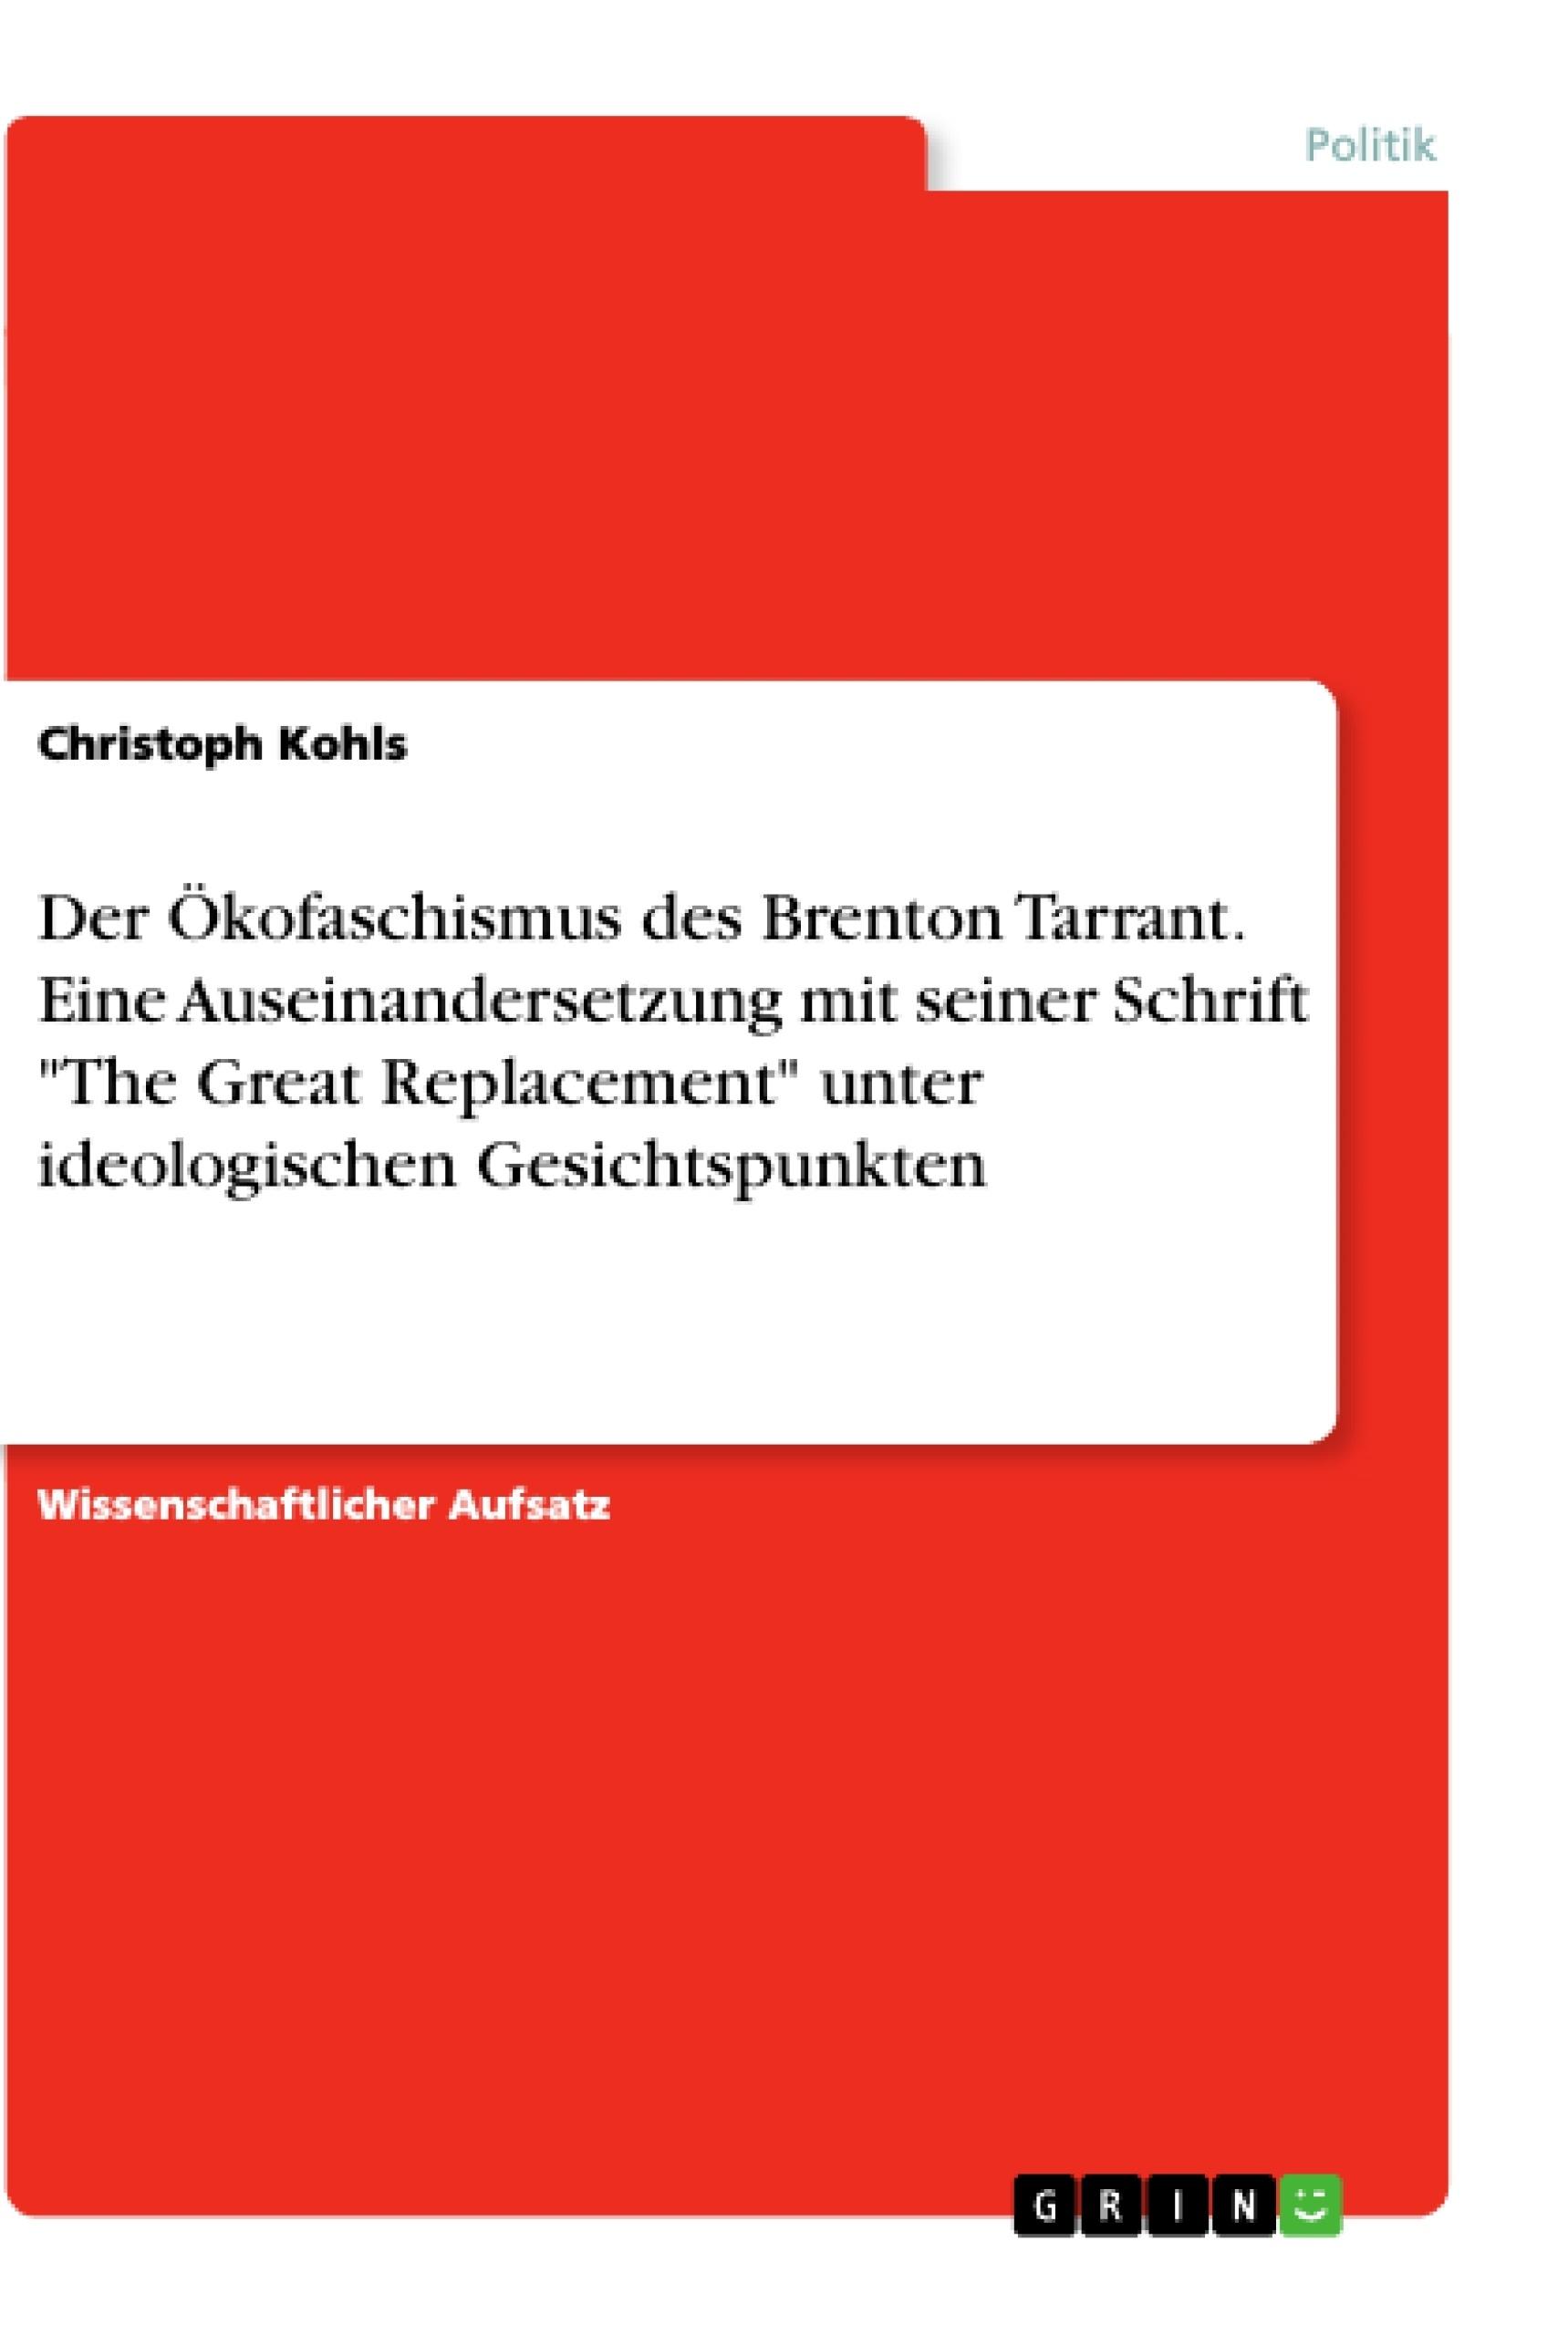 """Titel: Der Ökofaschismus des Brenton Tarrant. Eine Auseinandersetzung mit seiner Schrift """"The Great Replacement"""" unter ideologischen Gesichtspunkten"""